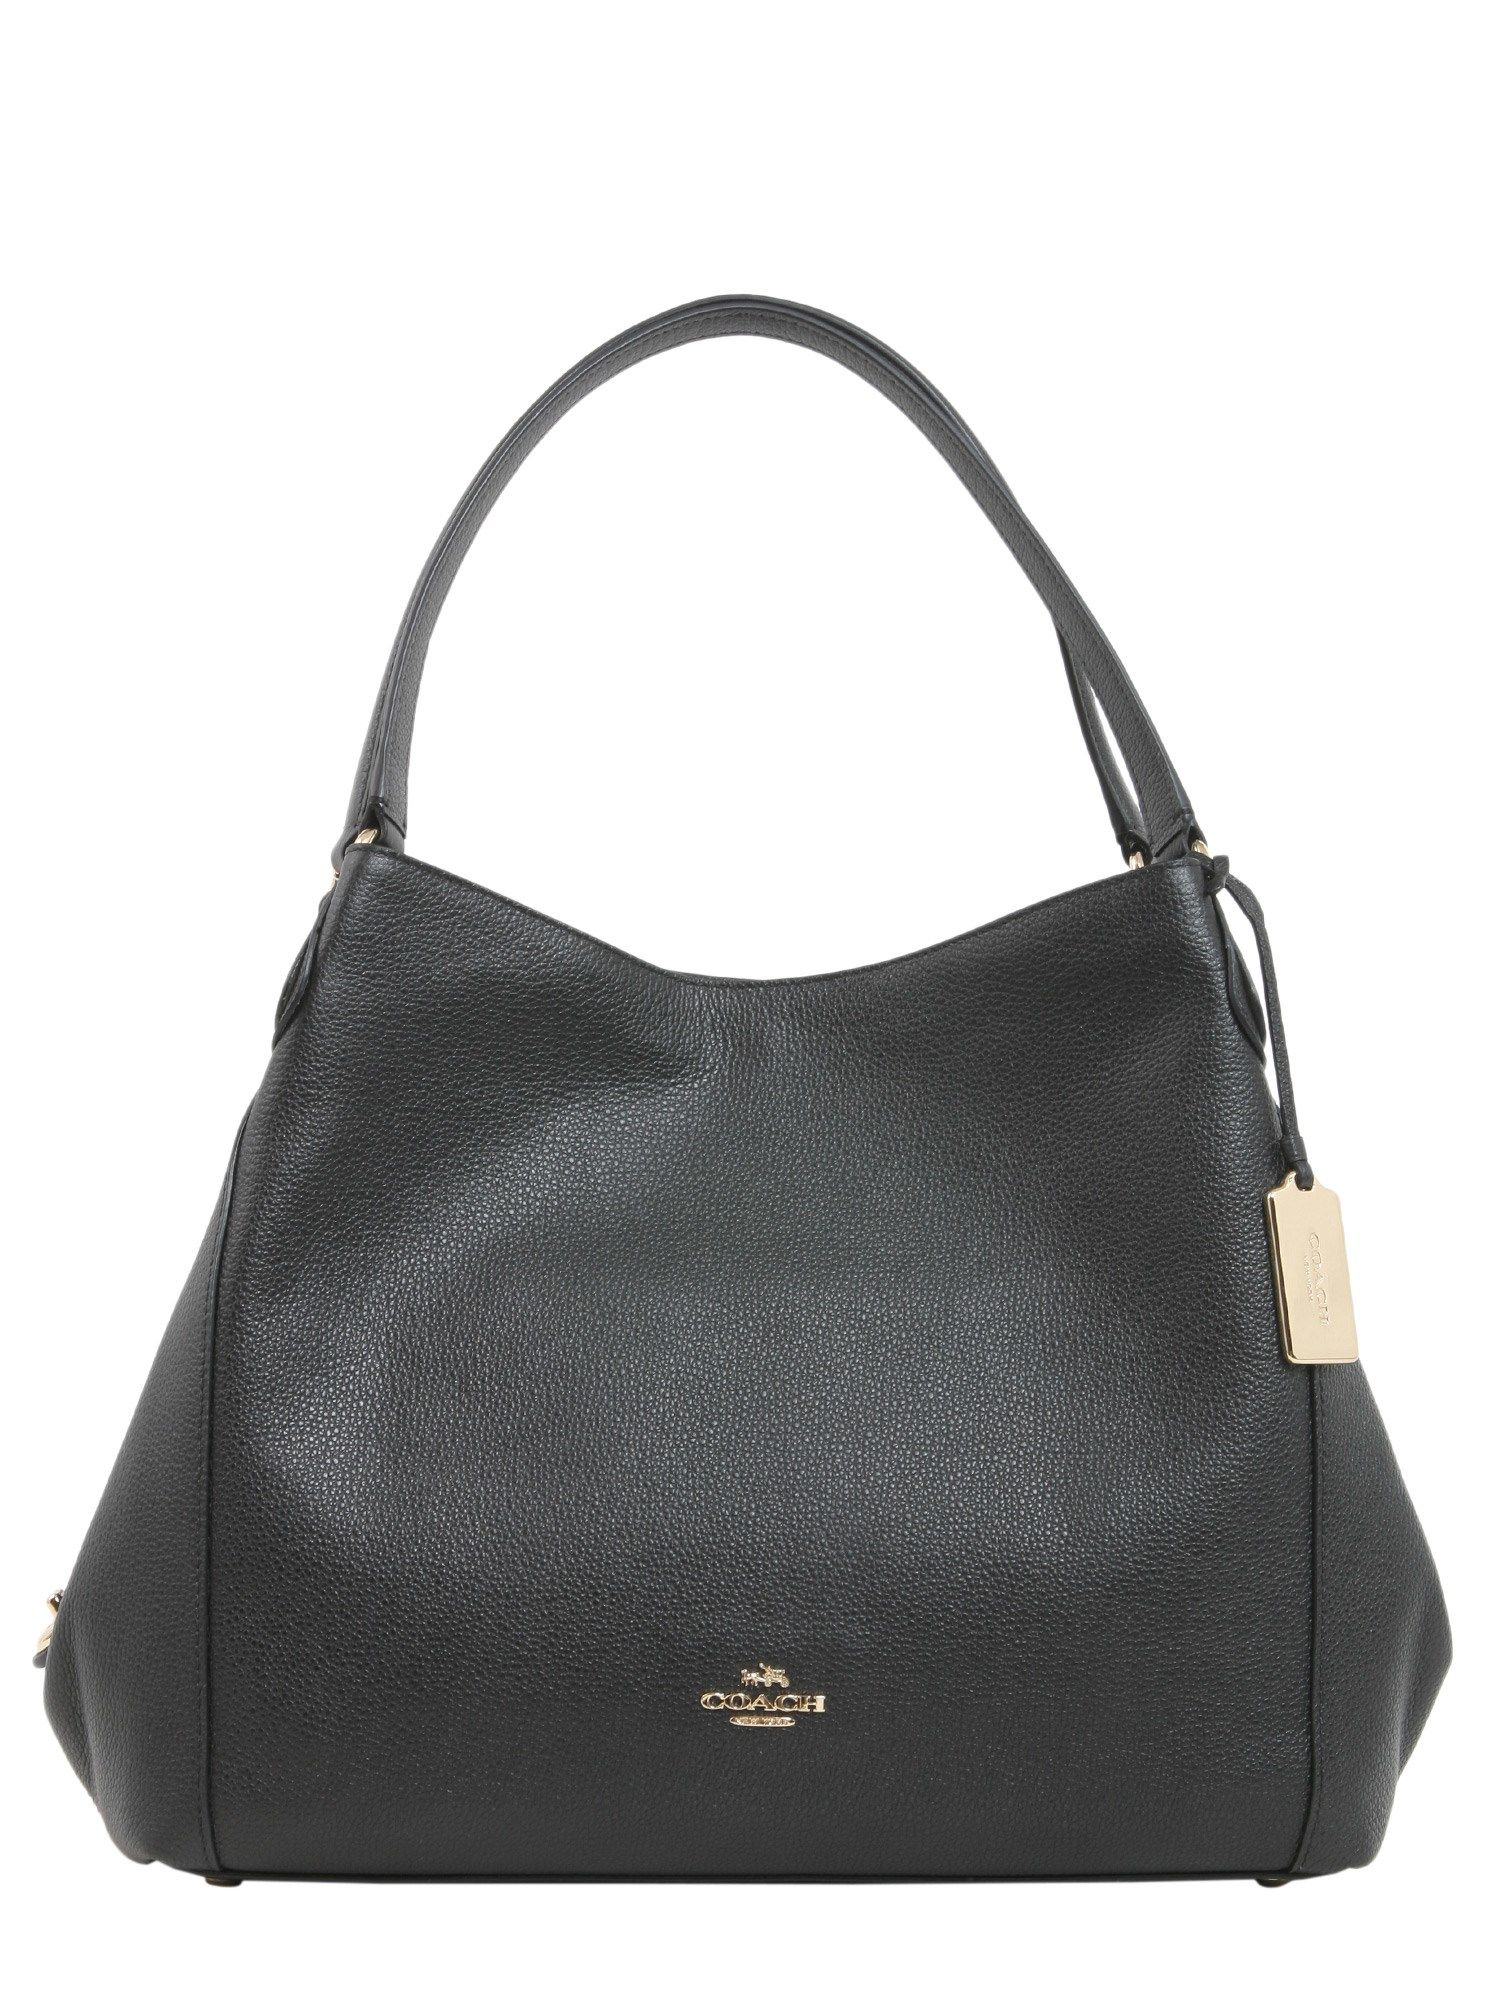 Edie Hobo Bag